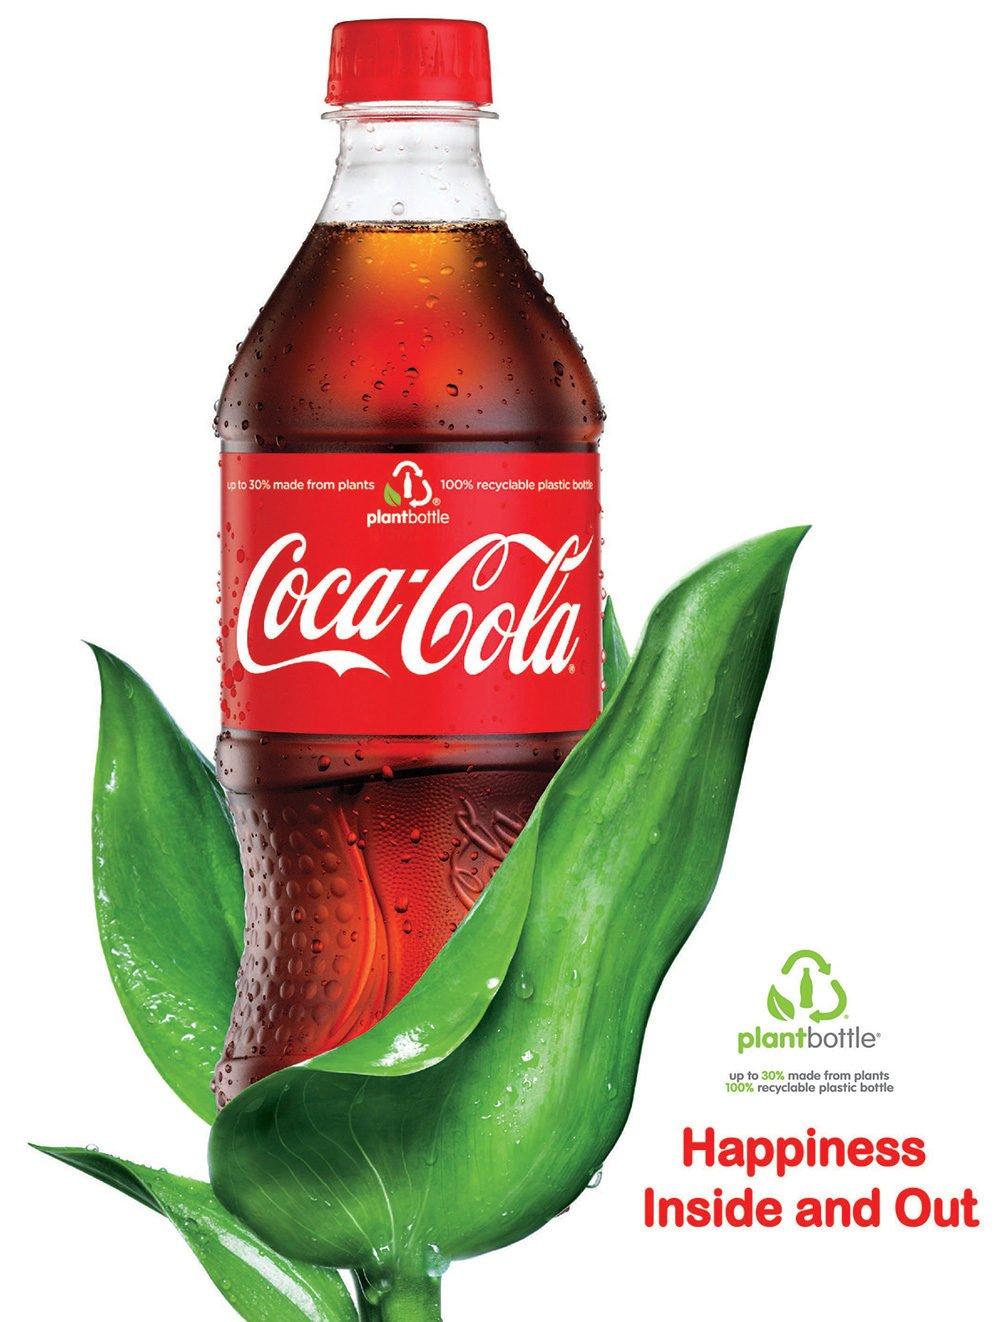 2_Coca-Cola-20-Plant-Bottle2_1000px.jpg